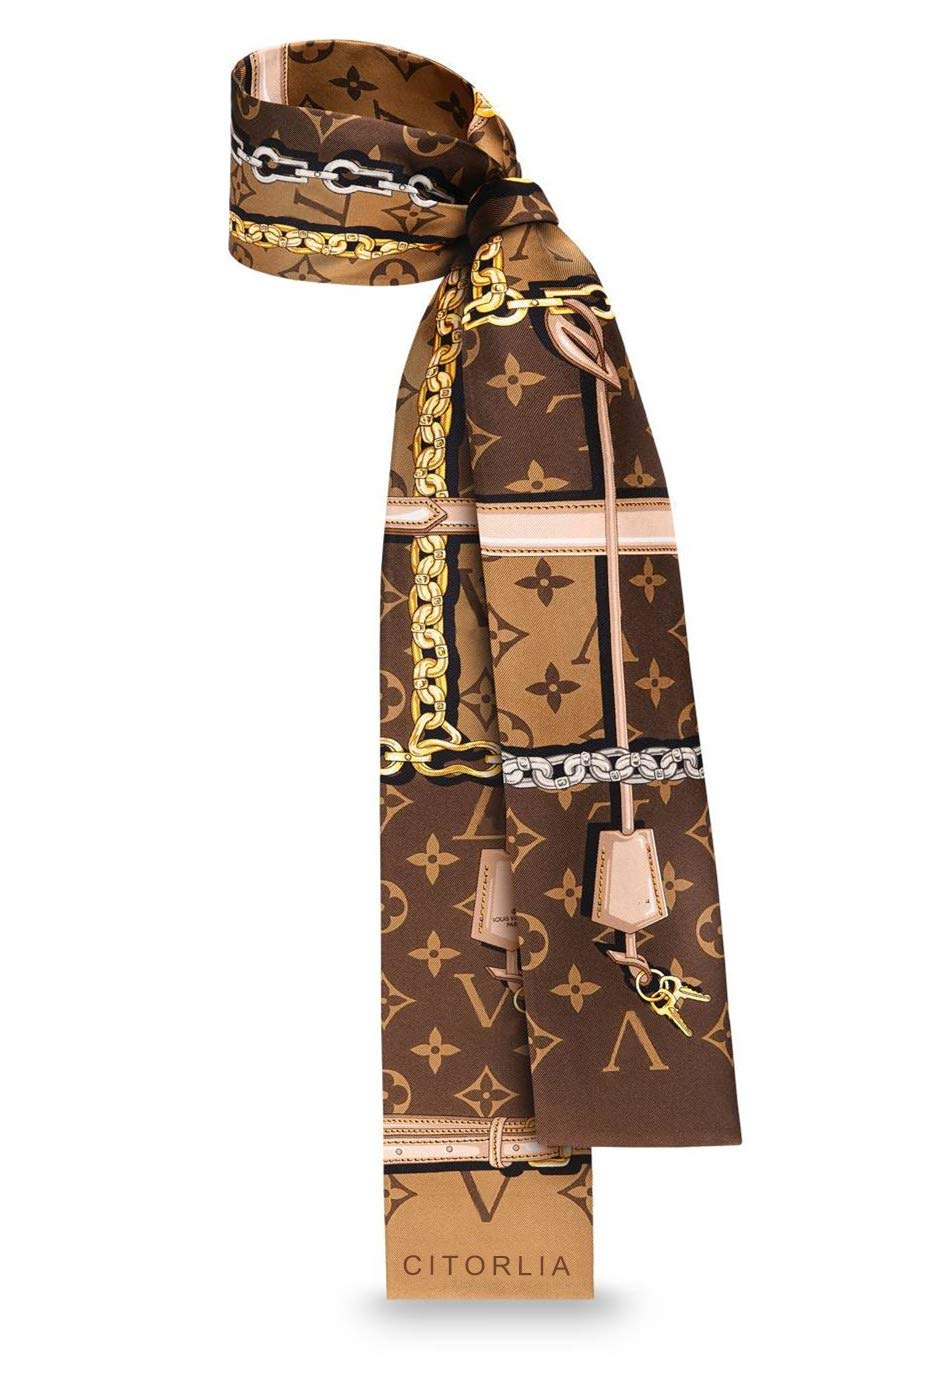 奢华时尚标志性 lovieTRUNKS MONOGRAM ConfiIDENTIAL 真丝斜纹手镯项链围巾 适合小包提手